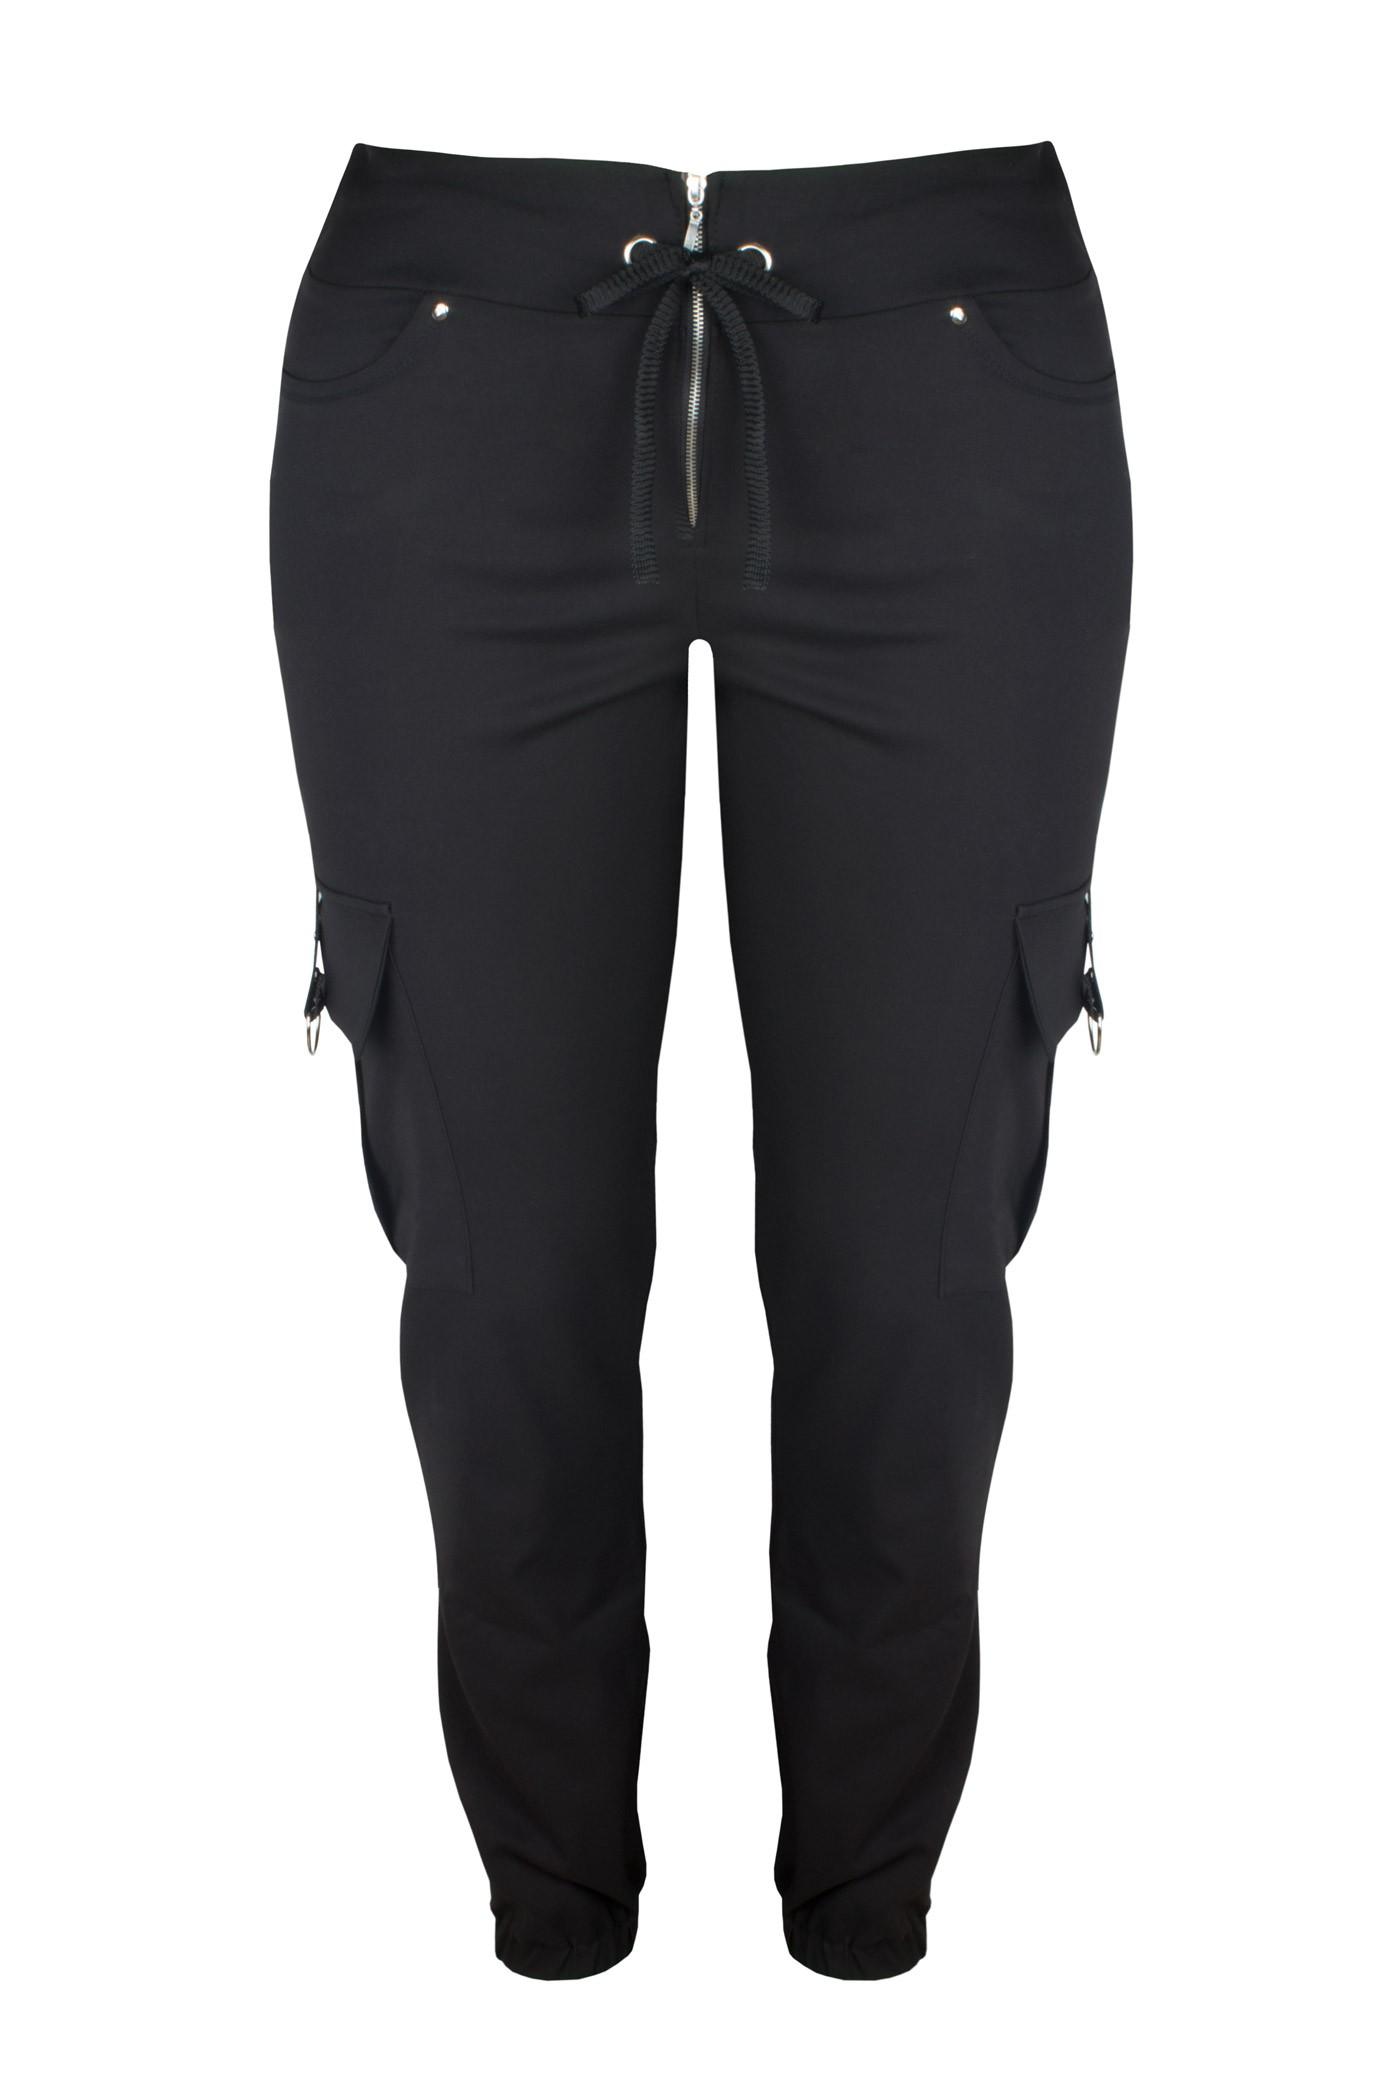 JET BLACK modne spodnie plus size typu cargo